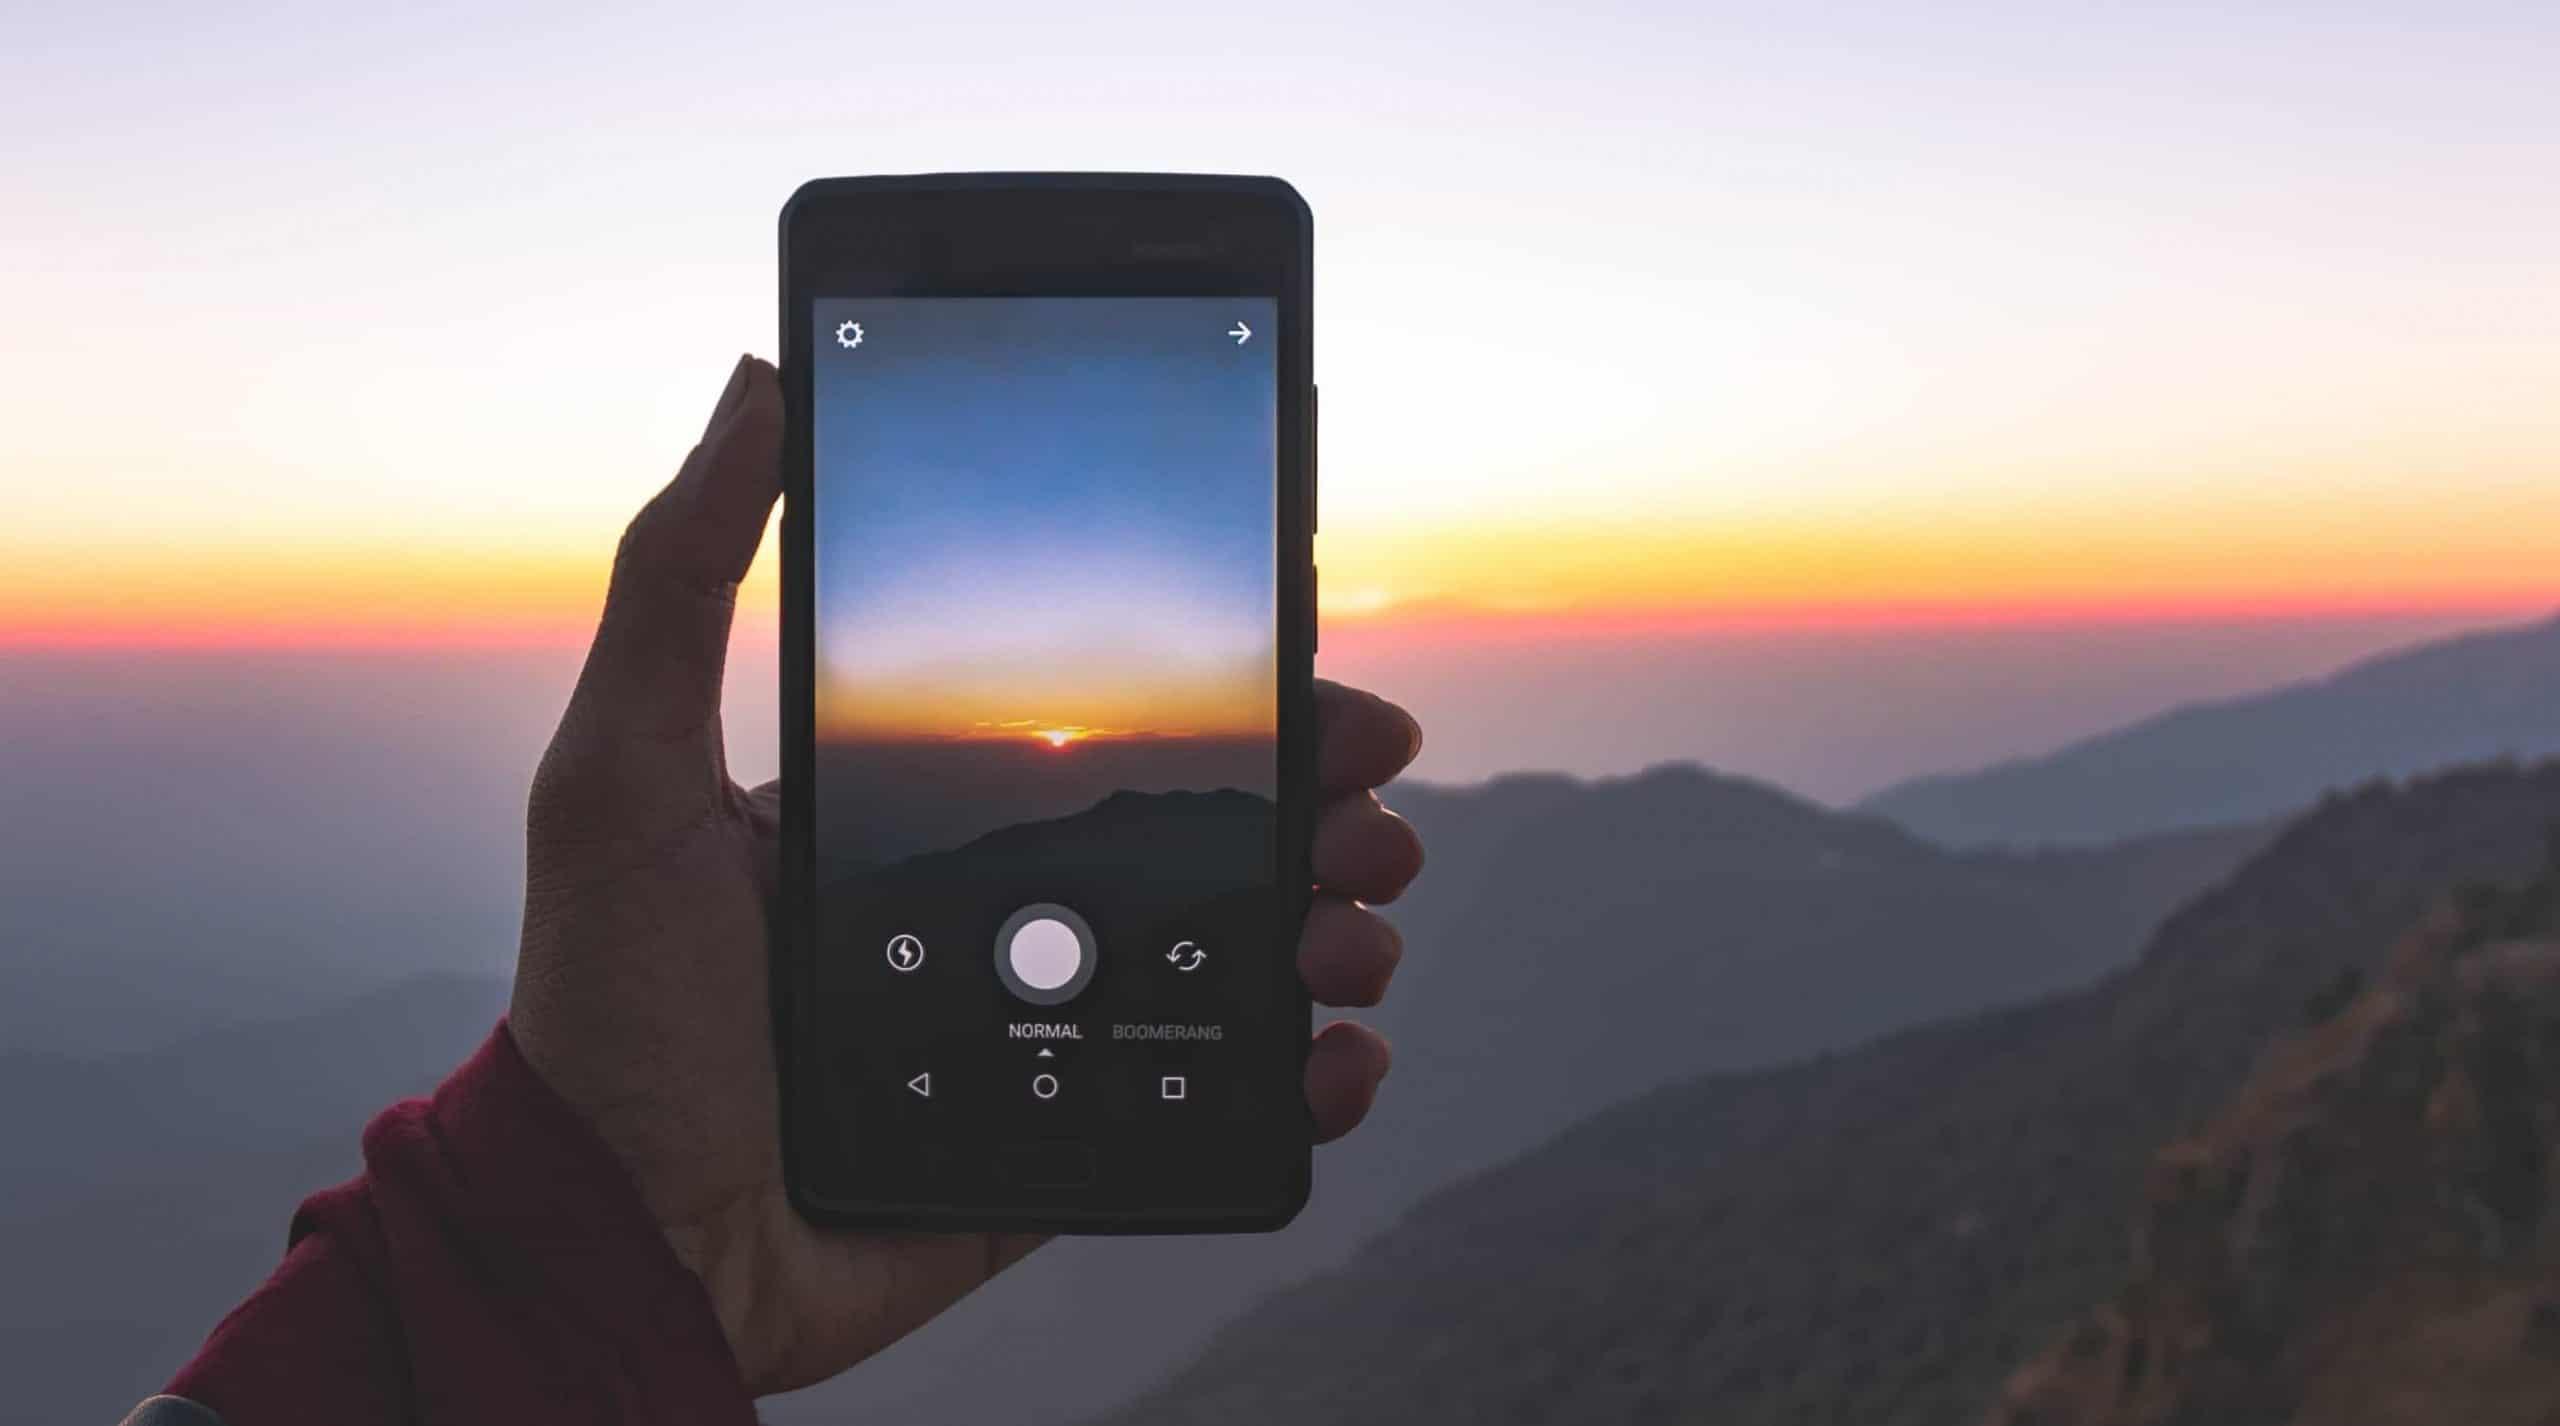 Telefoon met de beste camera: Wat zijn de beste toestellen van 2020?